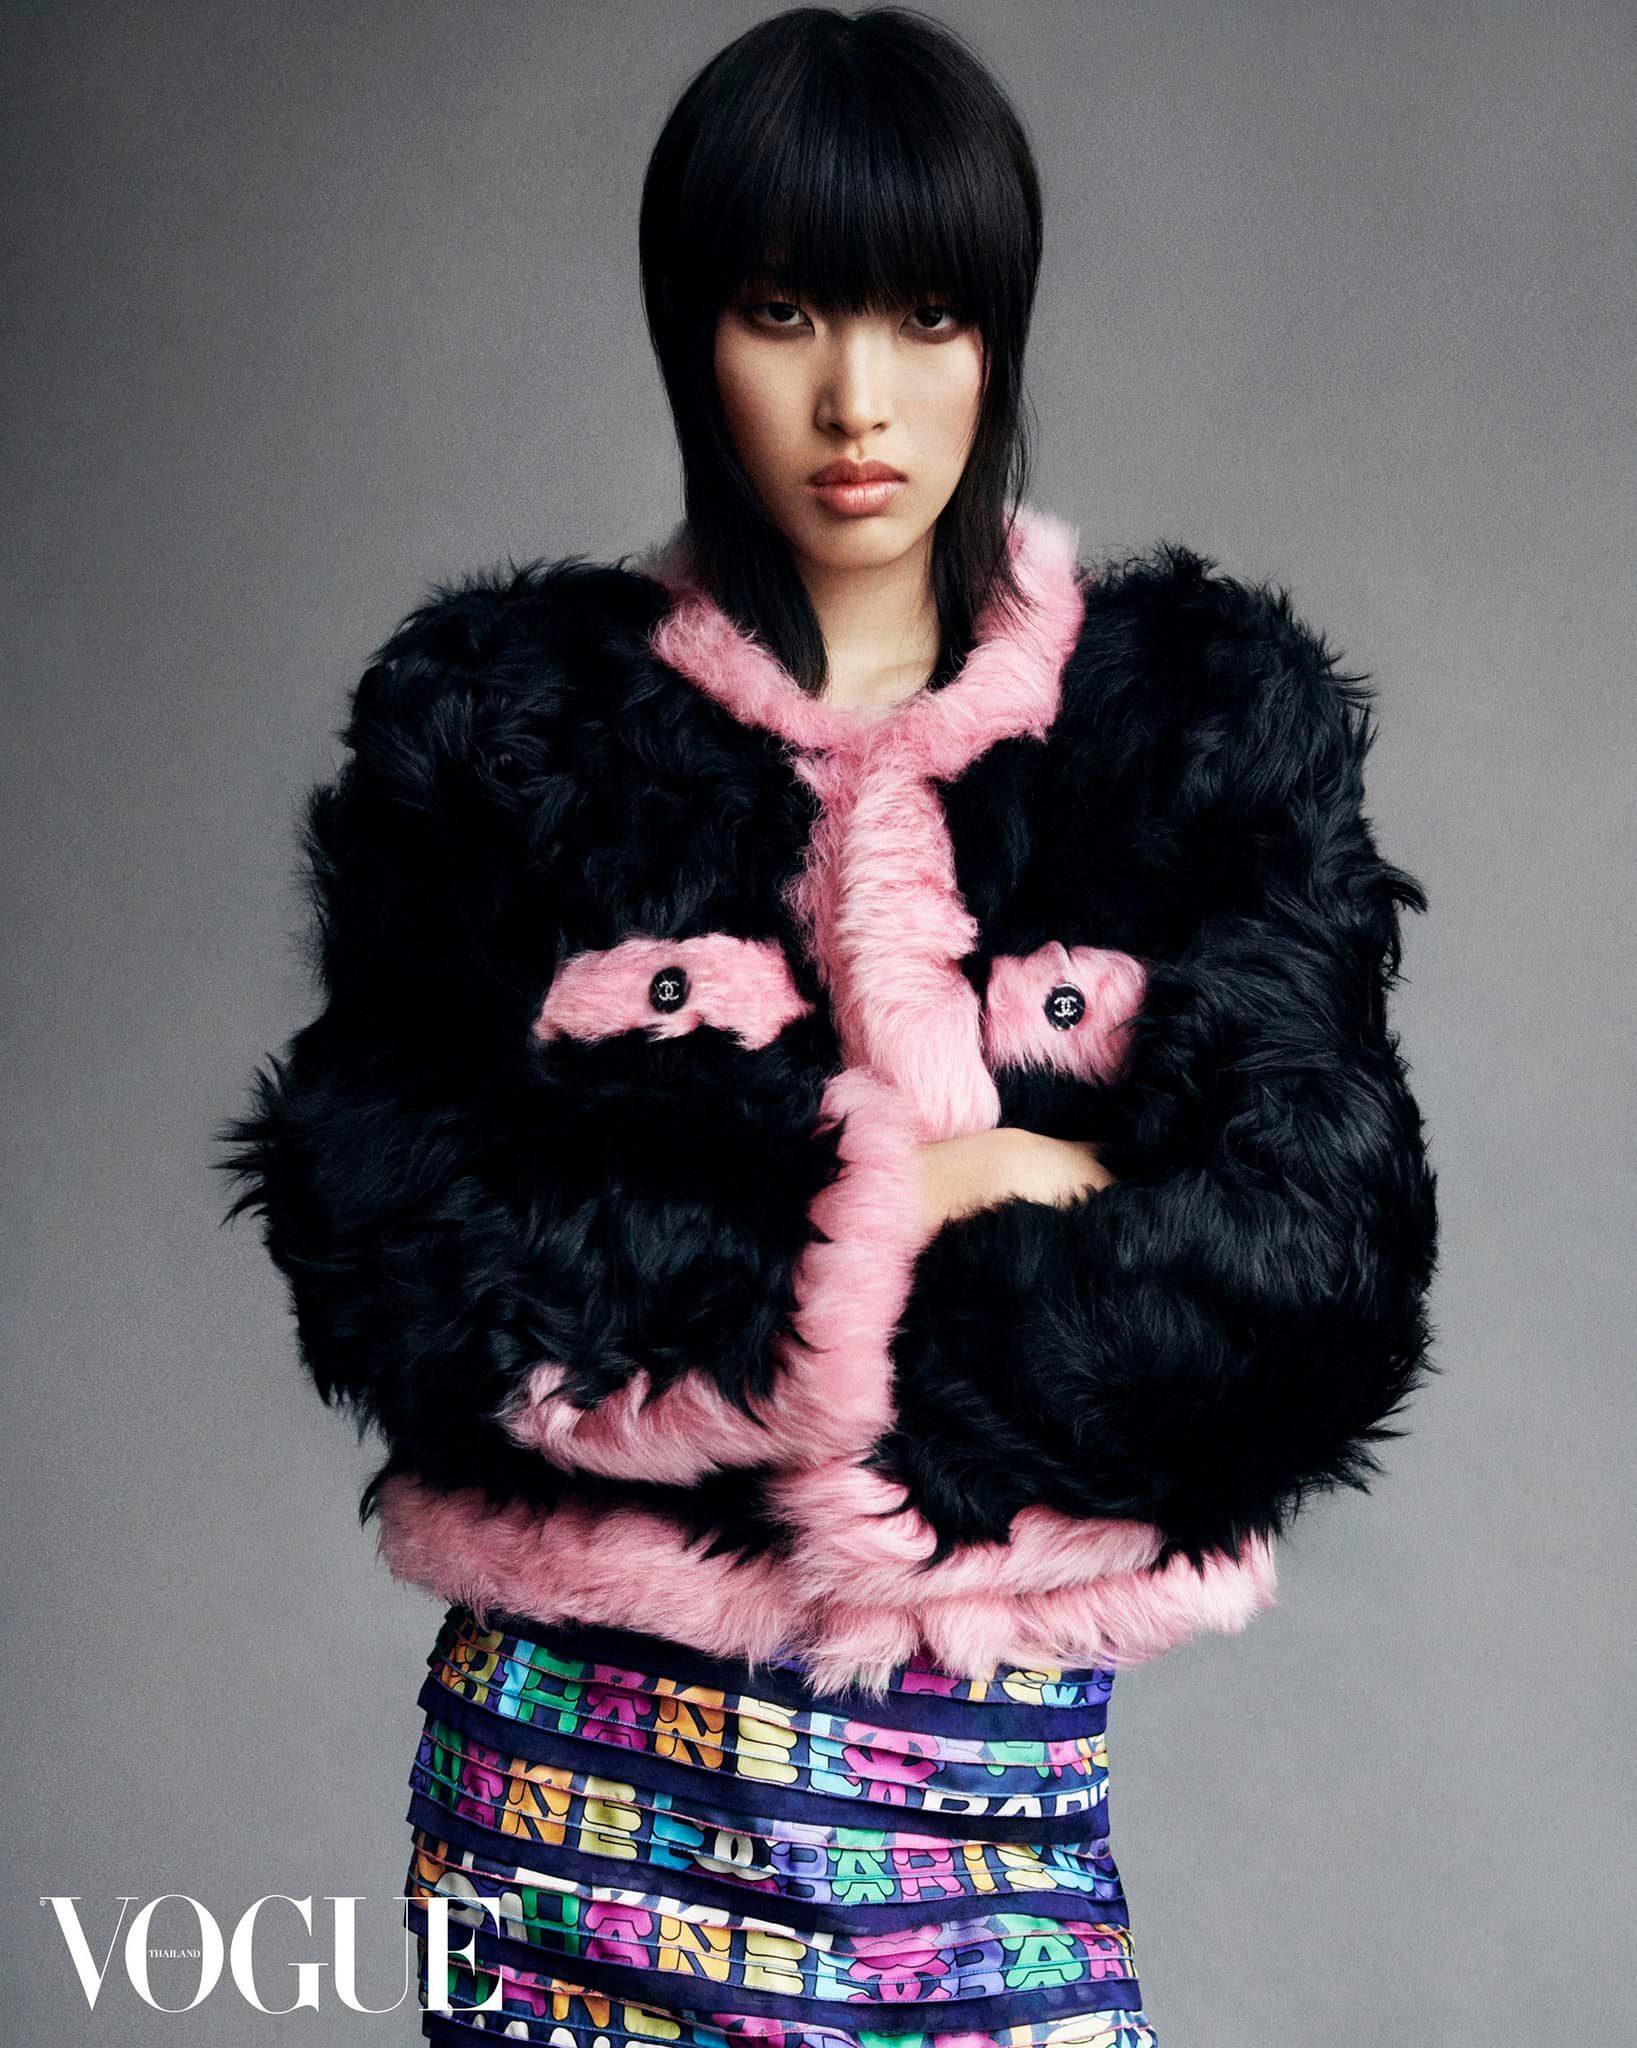 HOT: Phương Oanh next top lên hẳn bìa Vogue, câu cà khịa VNTM năm xưa bỗng được nhắc lại - Ảnh 1.